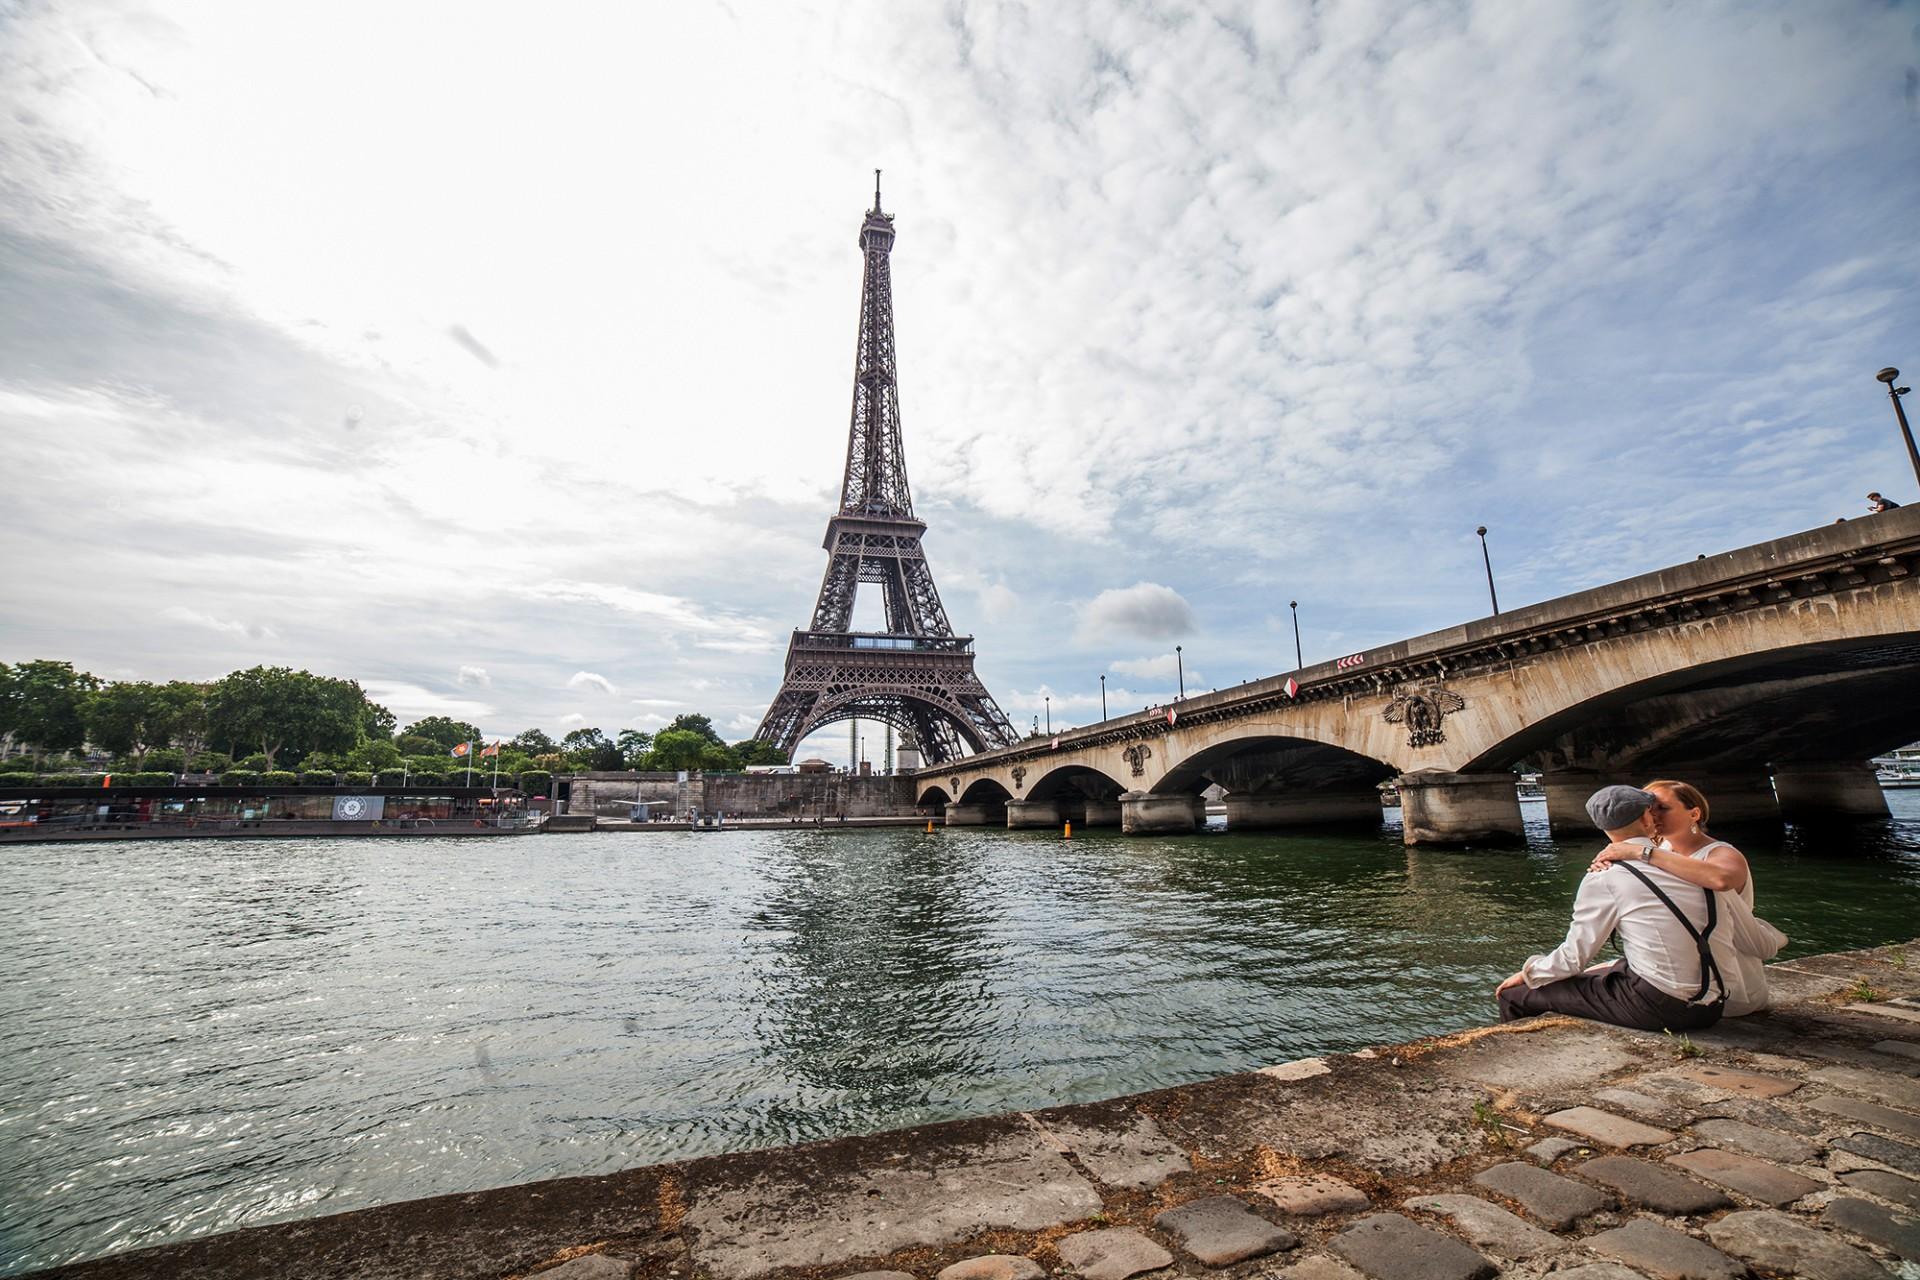 Uferblick auf den Eiffelturm, Fotoshooting für verliebte